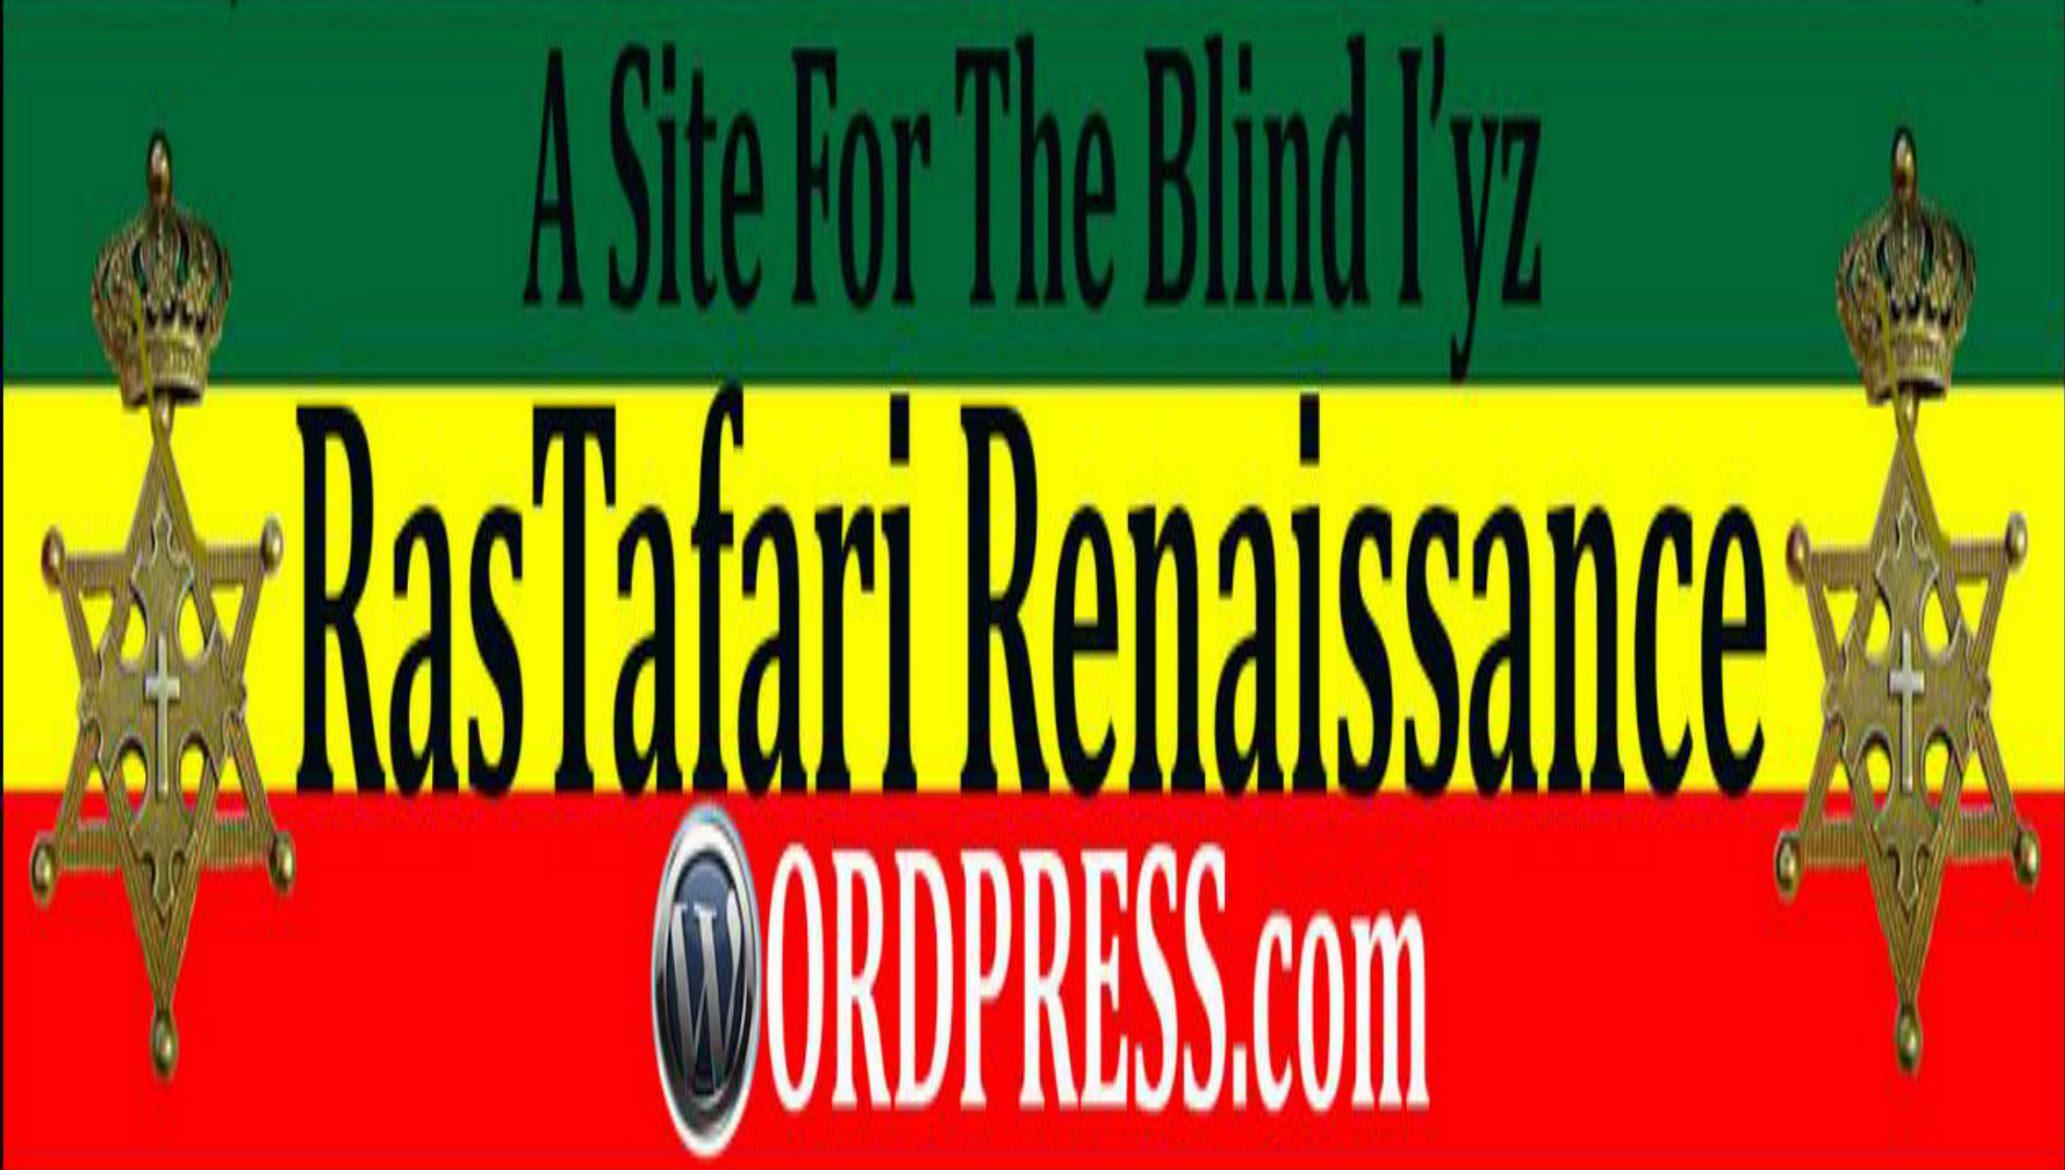 Ras Tafari Renaissance